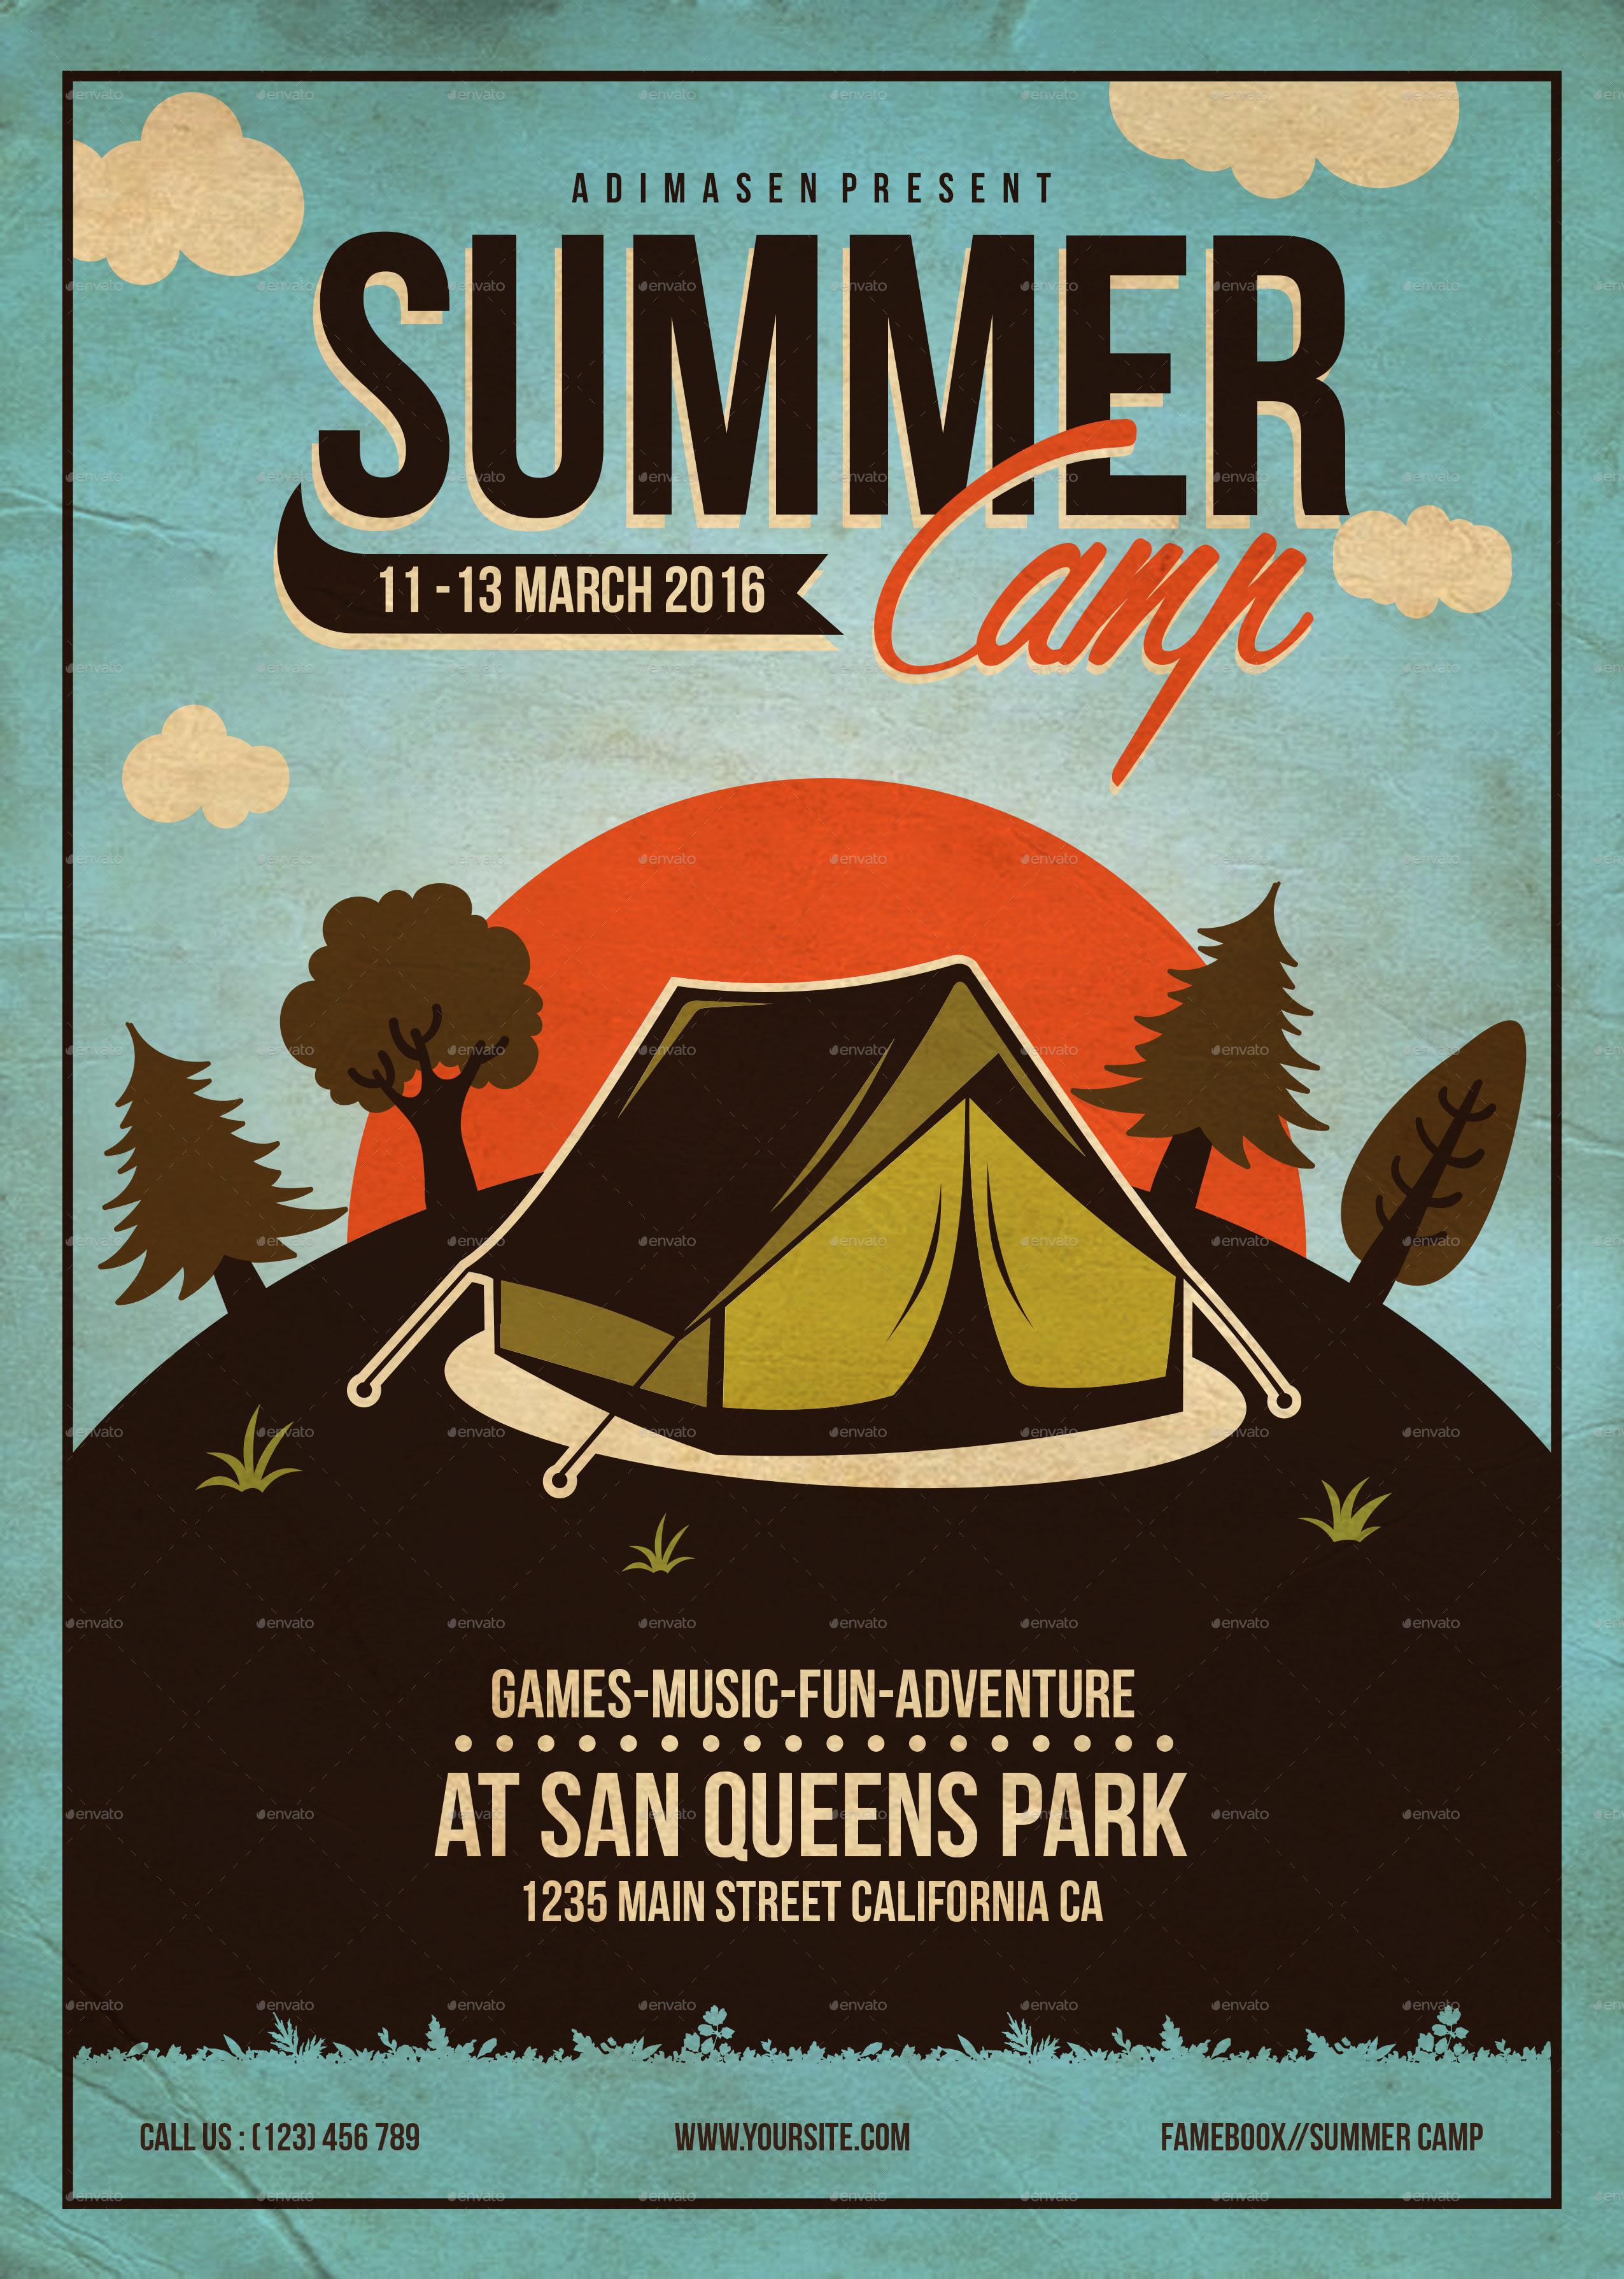 summer camp flyer template by adimasen